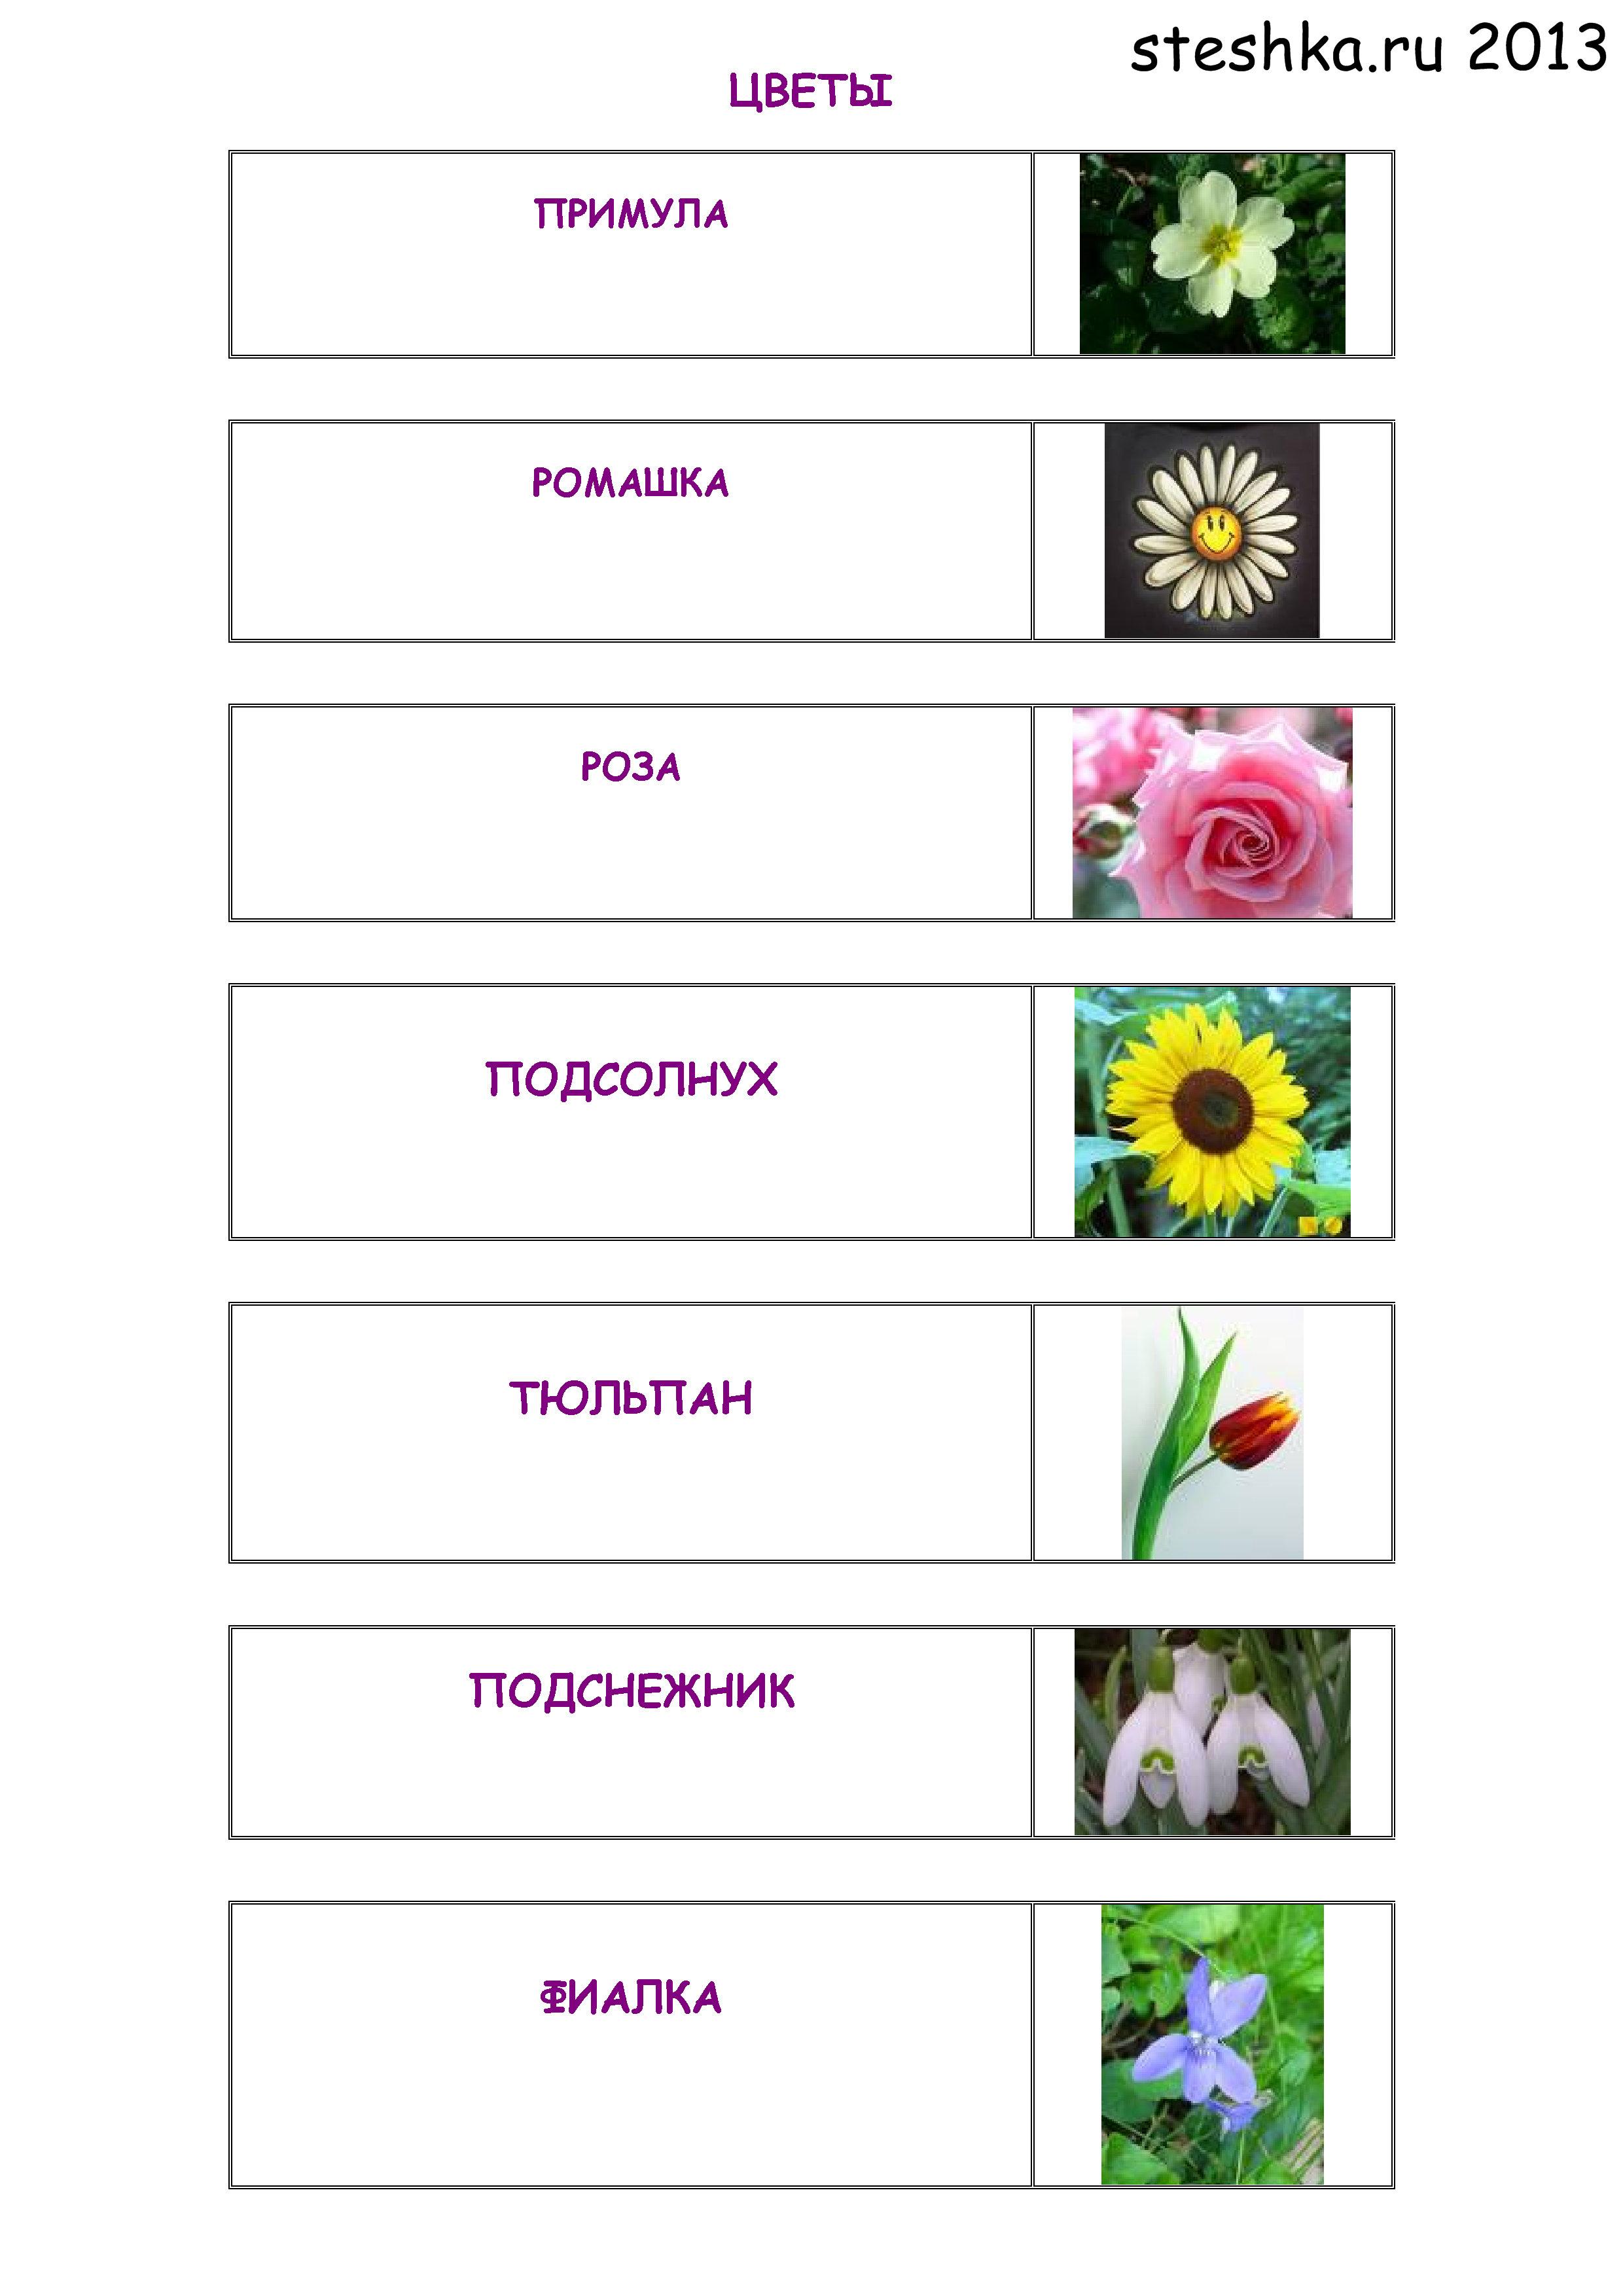 Название цветов на е